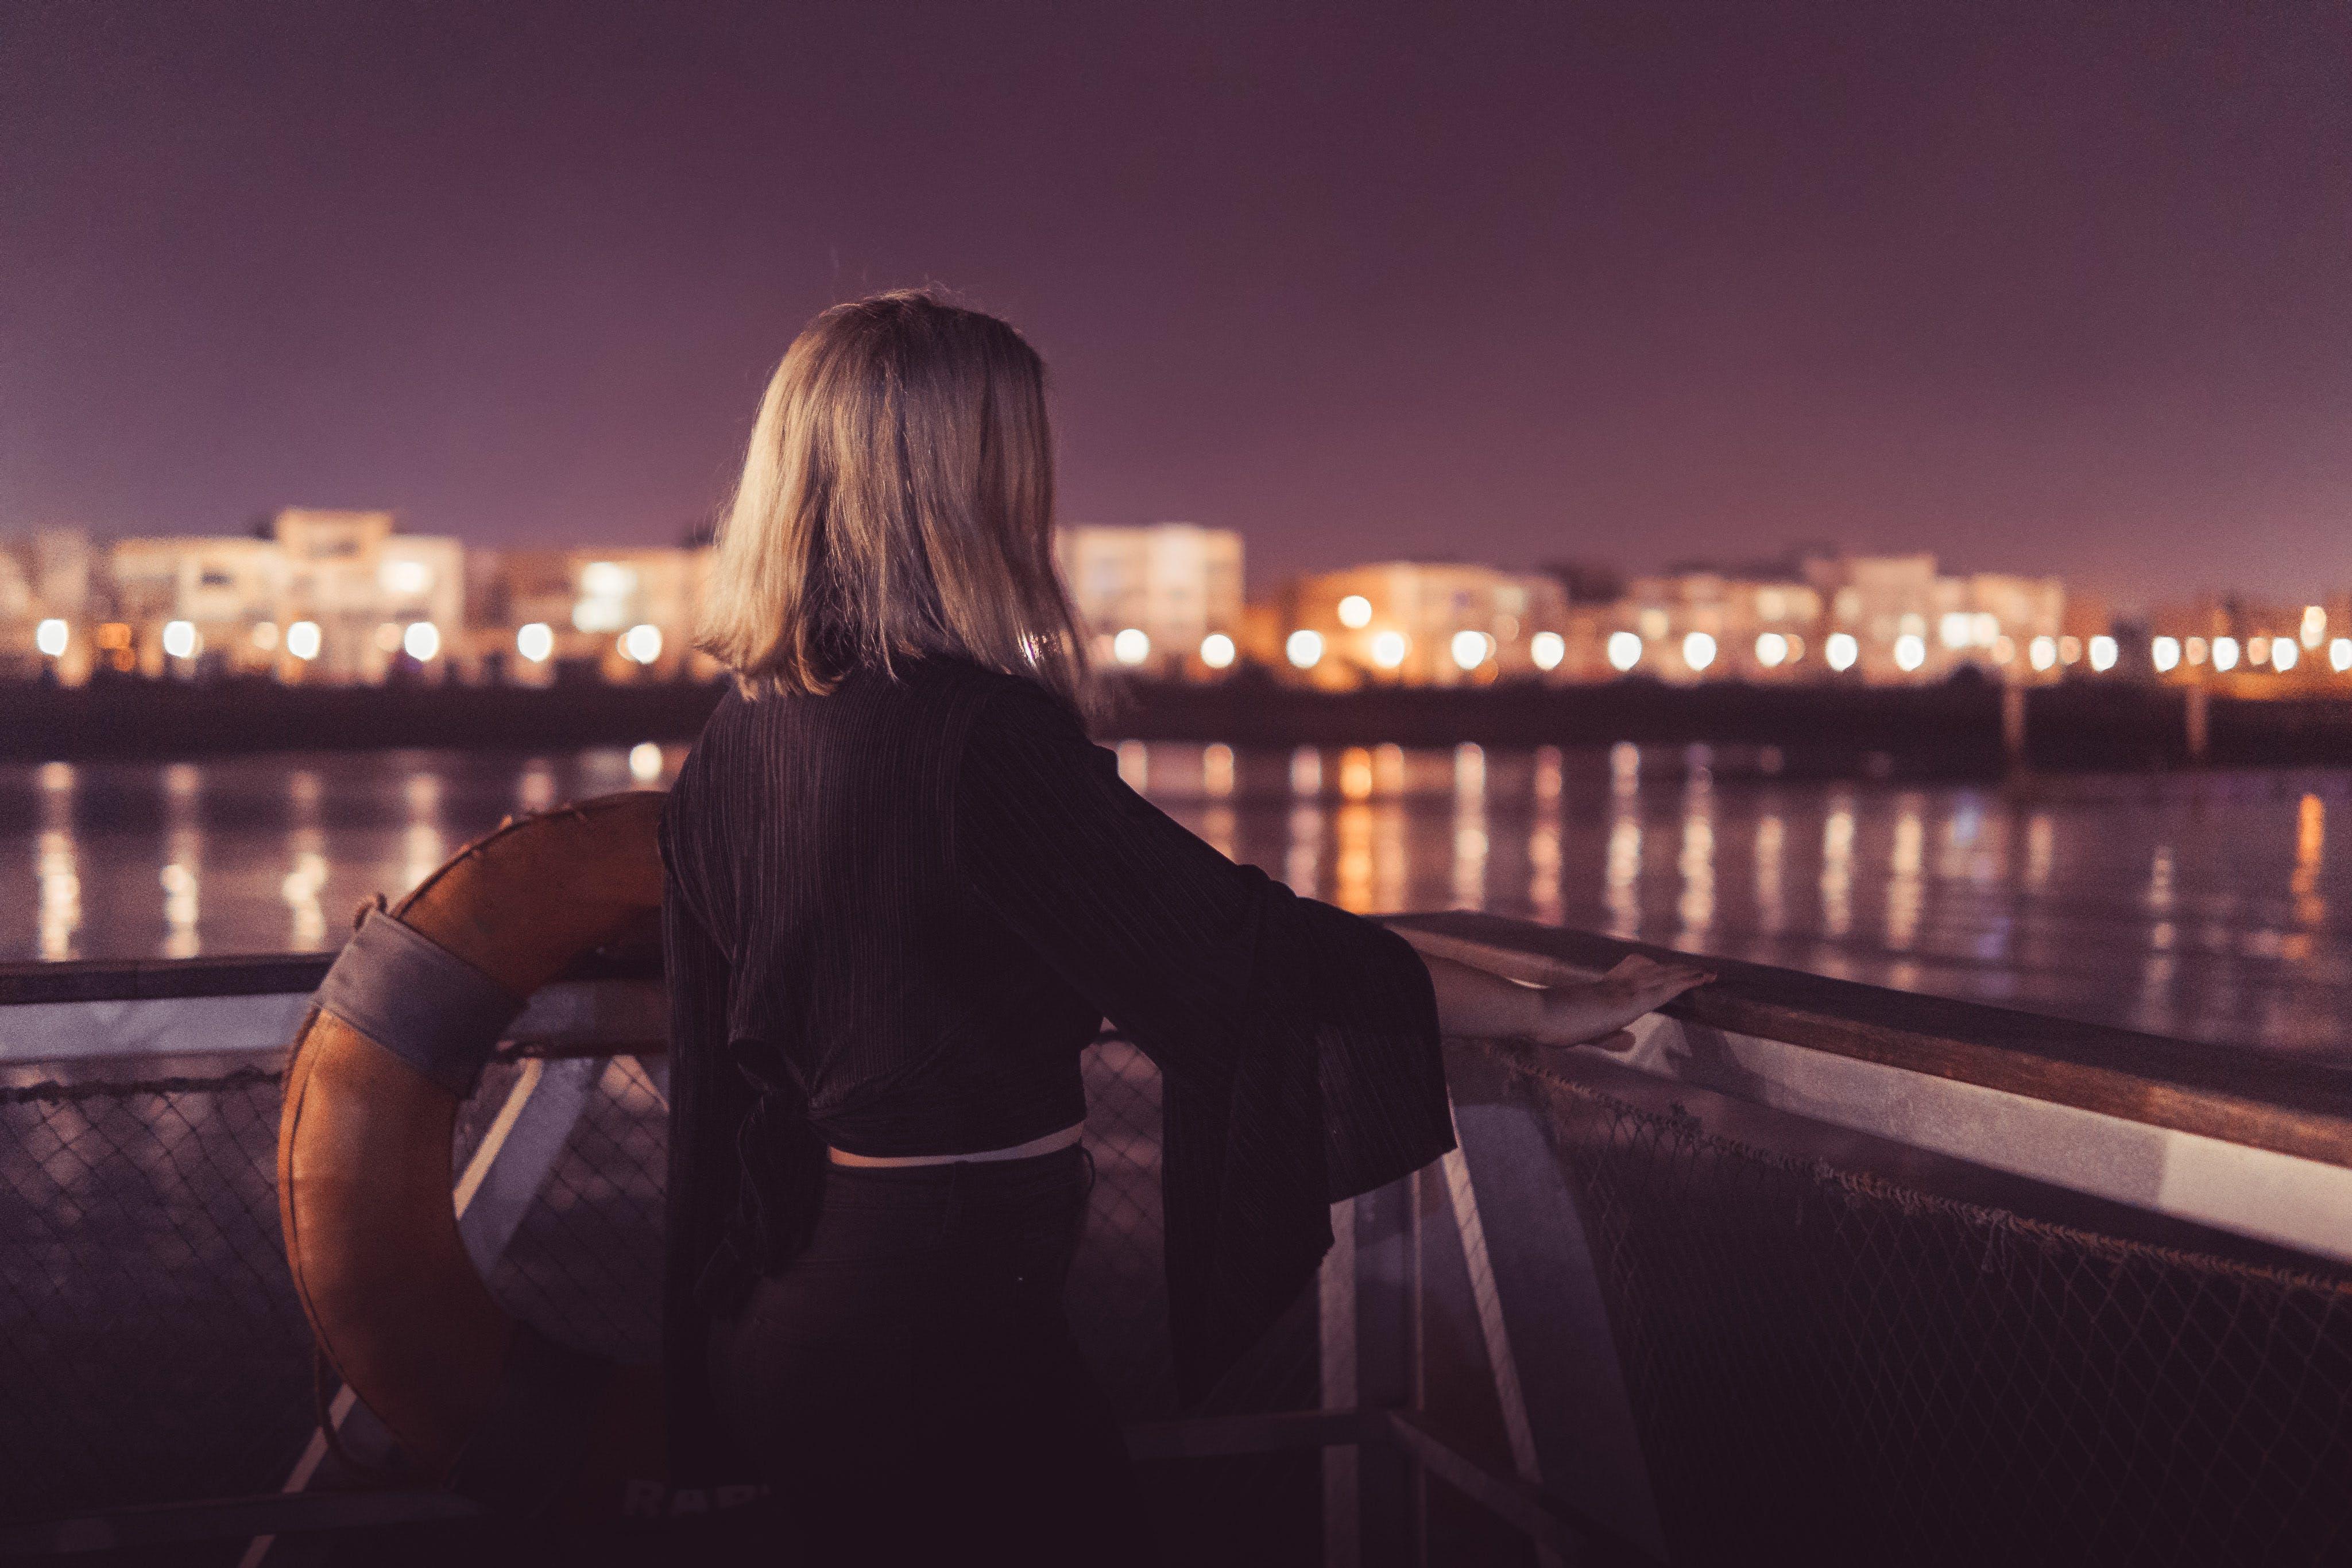 abend, beleuchtung, blondes haar